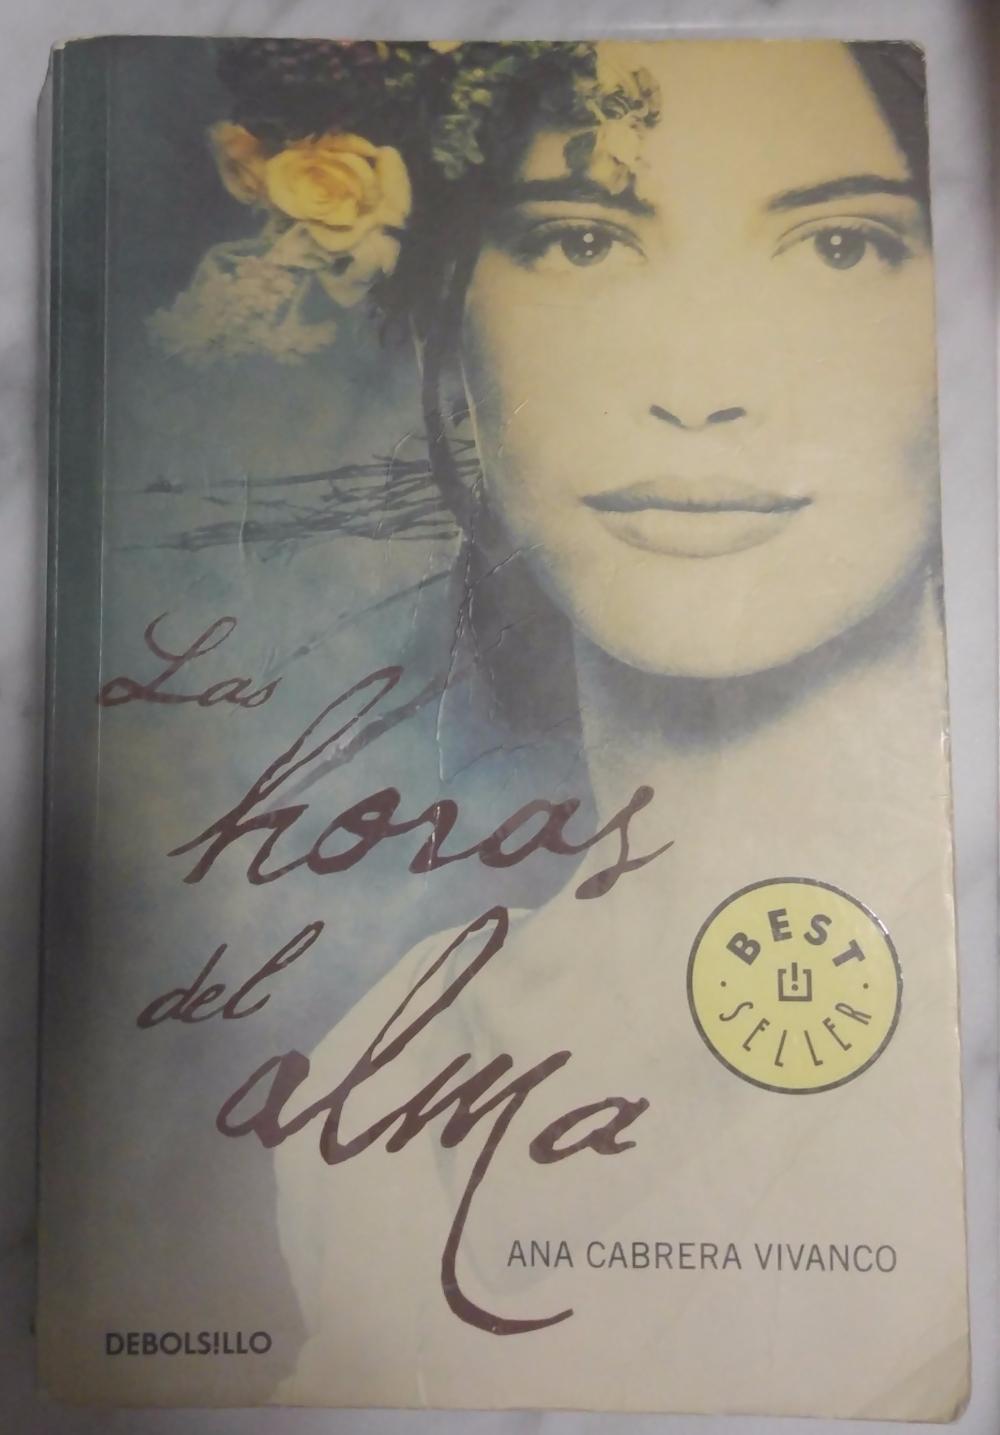 Las horas del alma, Ana Cabrera Vivanco